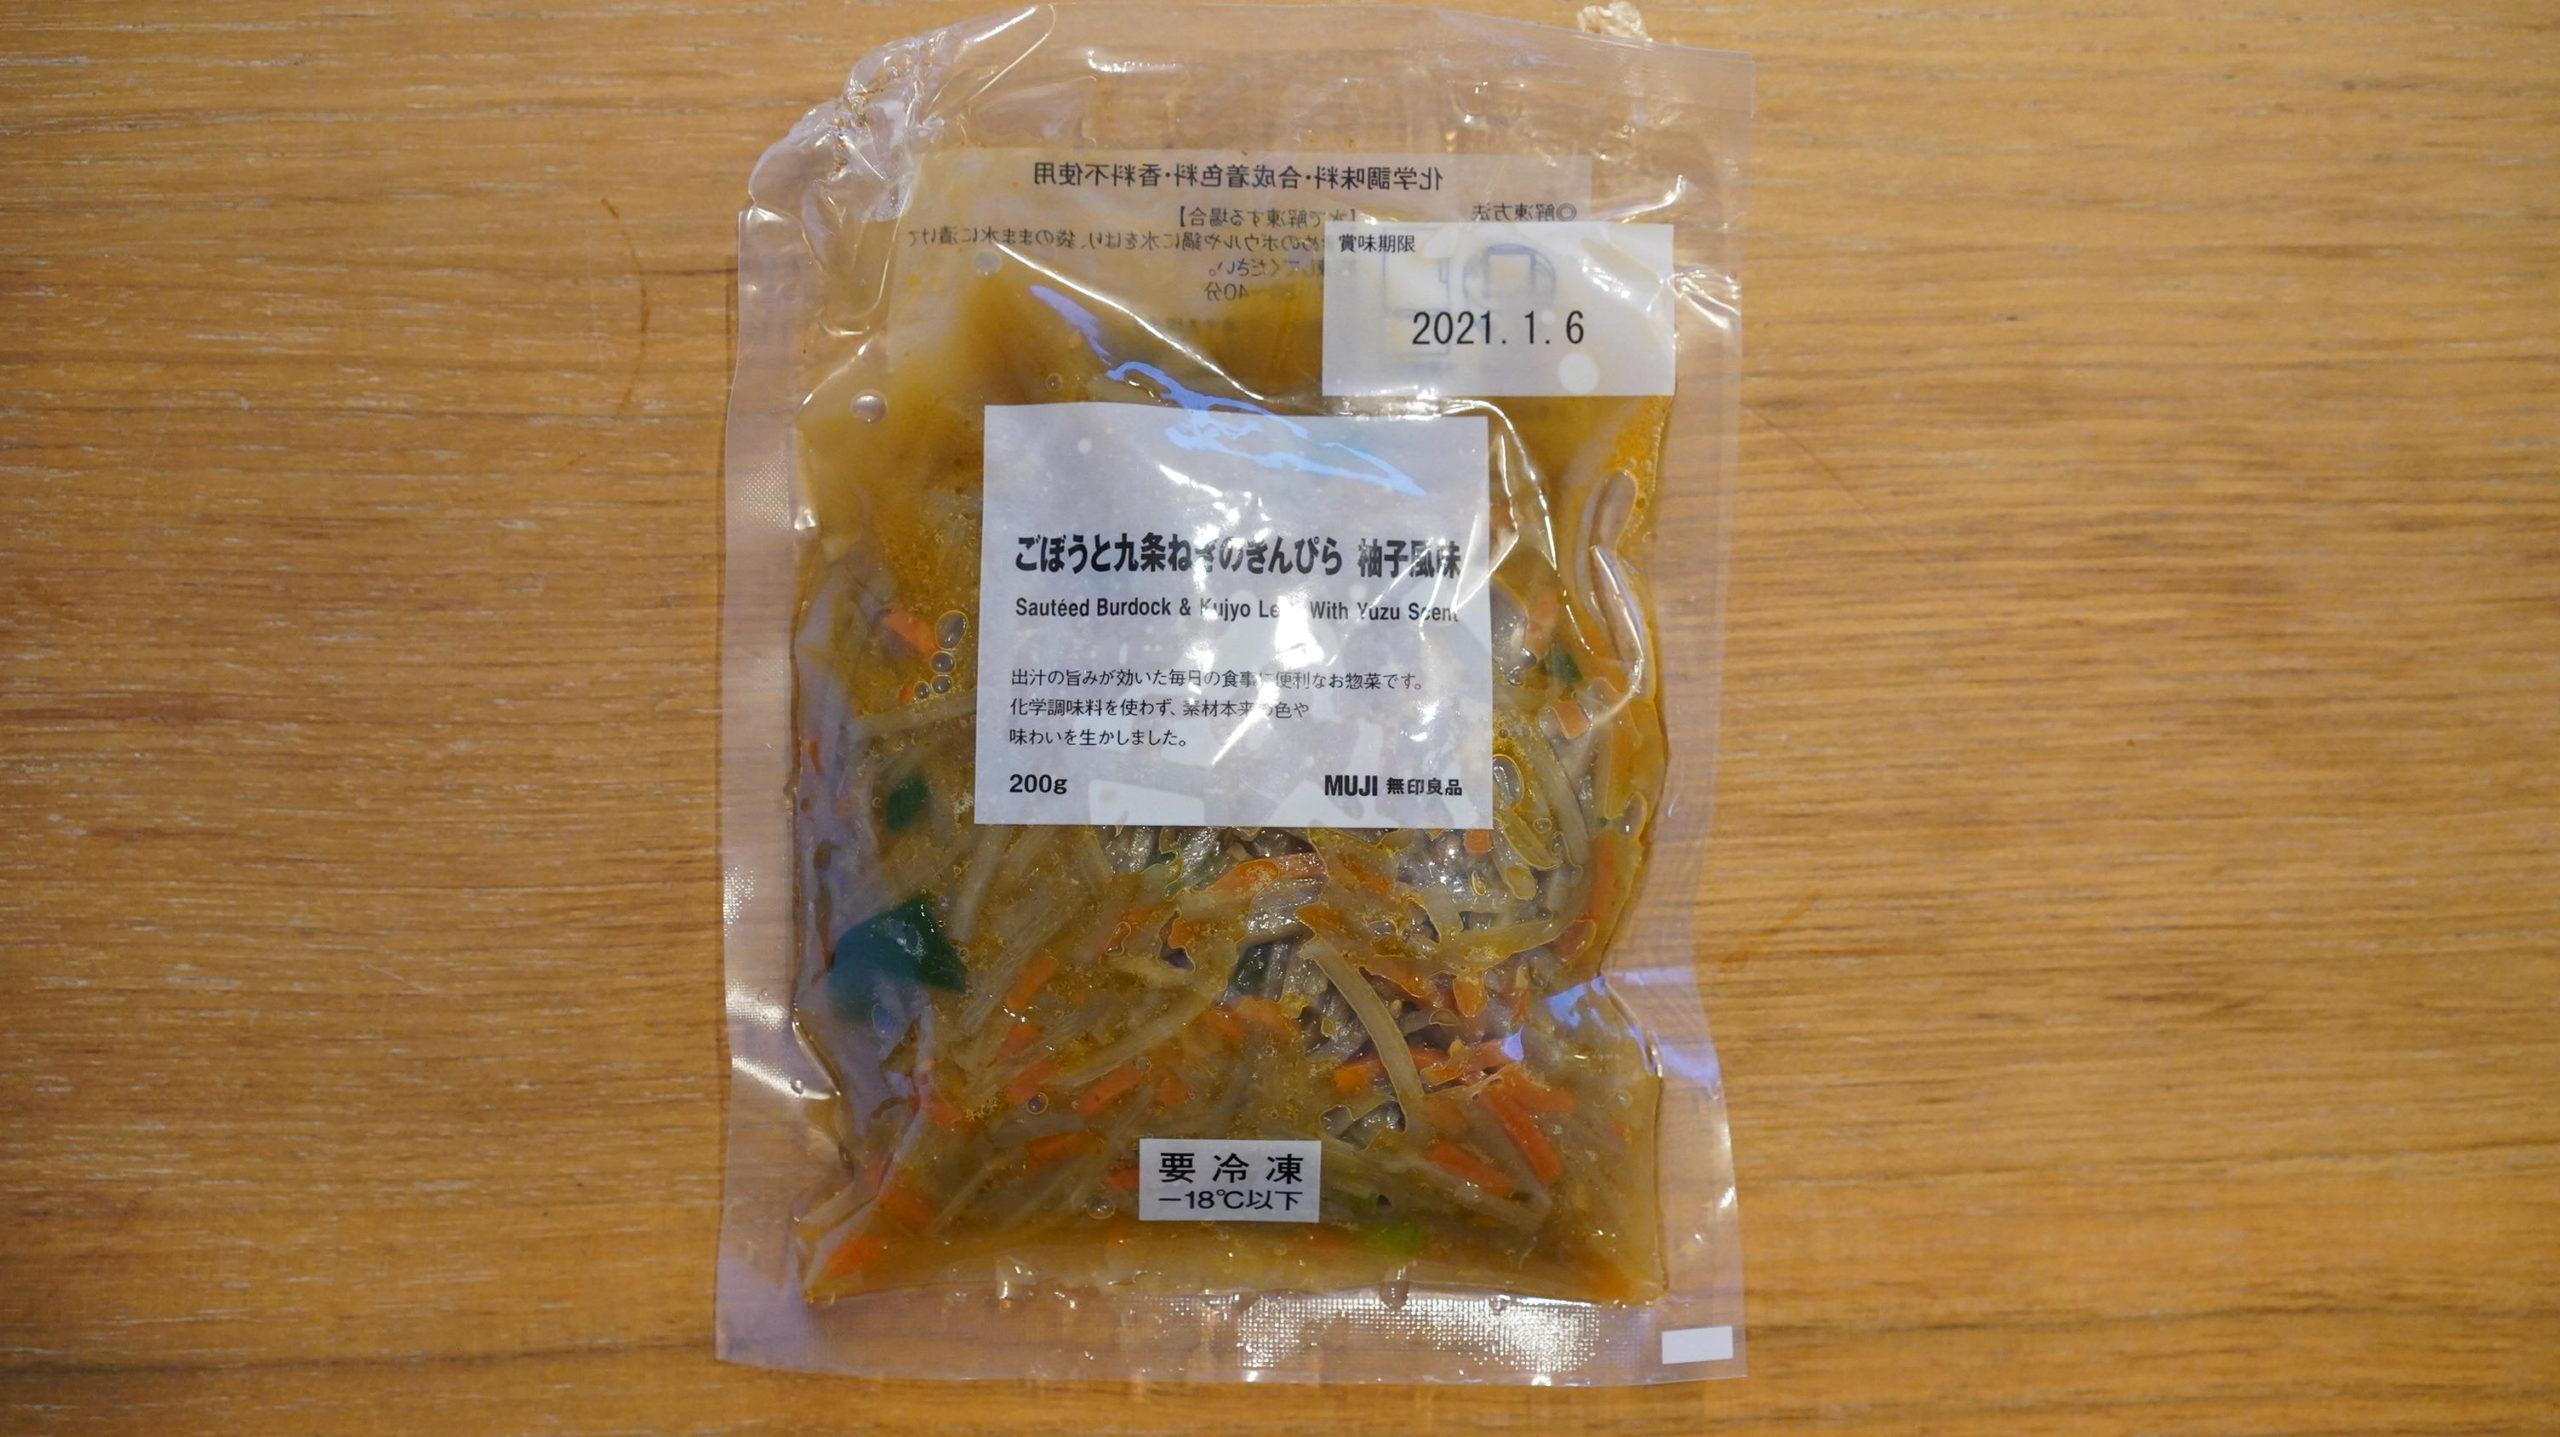 無印良品のおすすめ冷凍食品「ごぼうと九条ねぎのきんぴら・柚子風味」のパッケージの写真